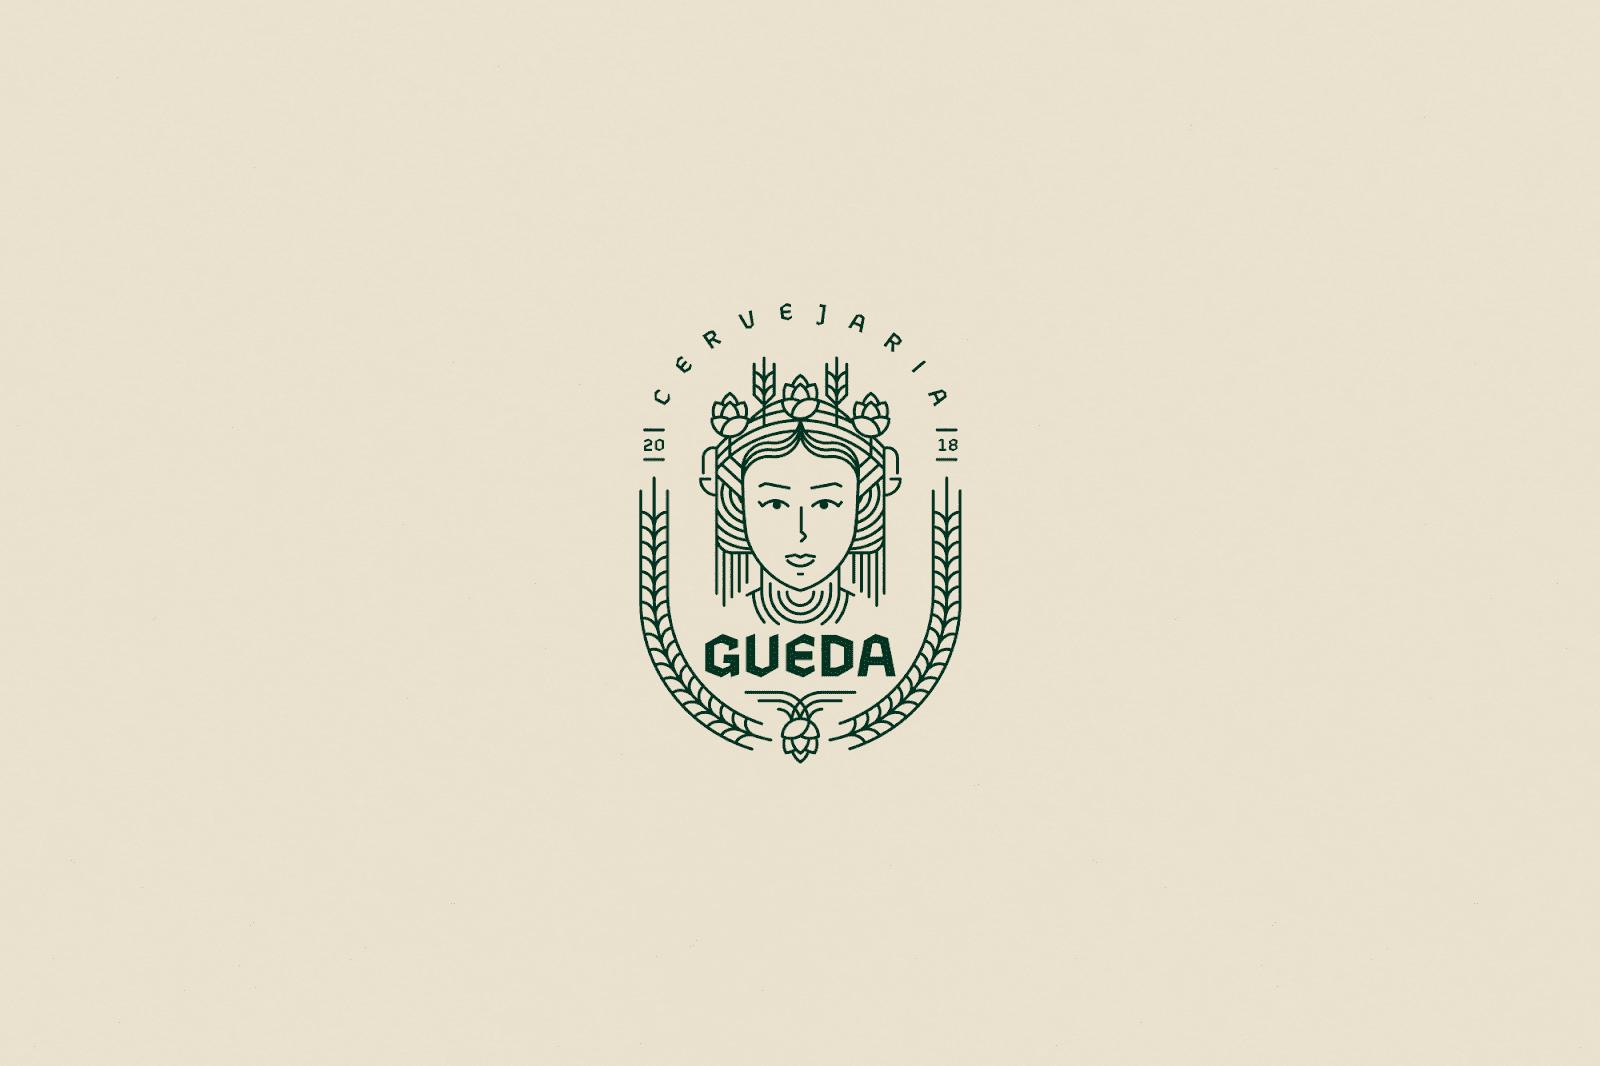 1 gueda - Ach, tie obaly – Gueda Brewing Co.